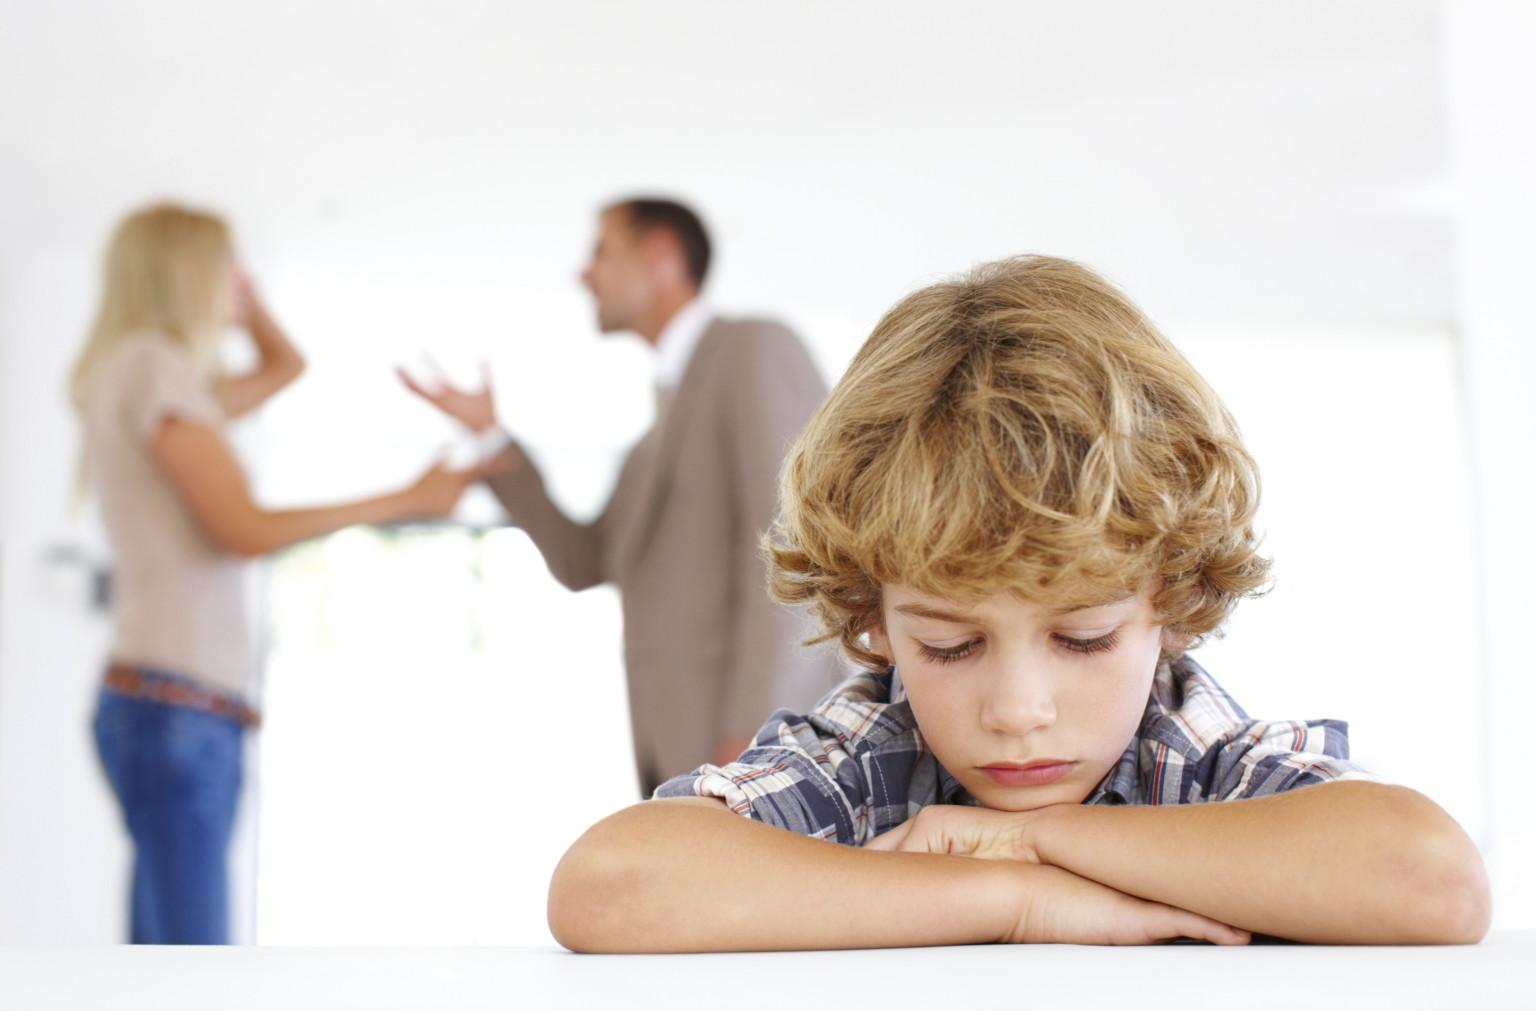 تاثیرات روابط والدین شما در برقرای نوع رابطه شما با دیگران